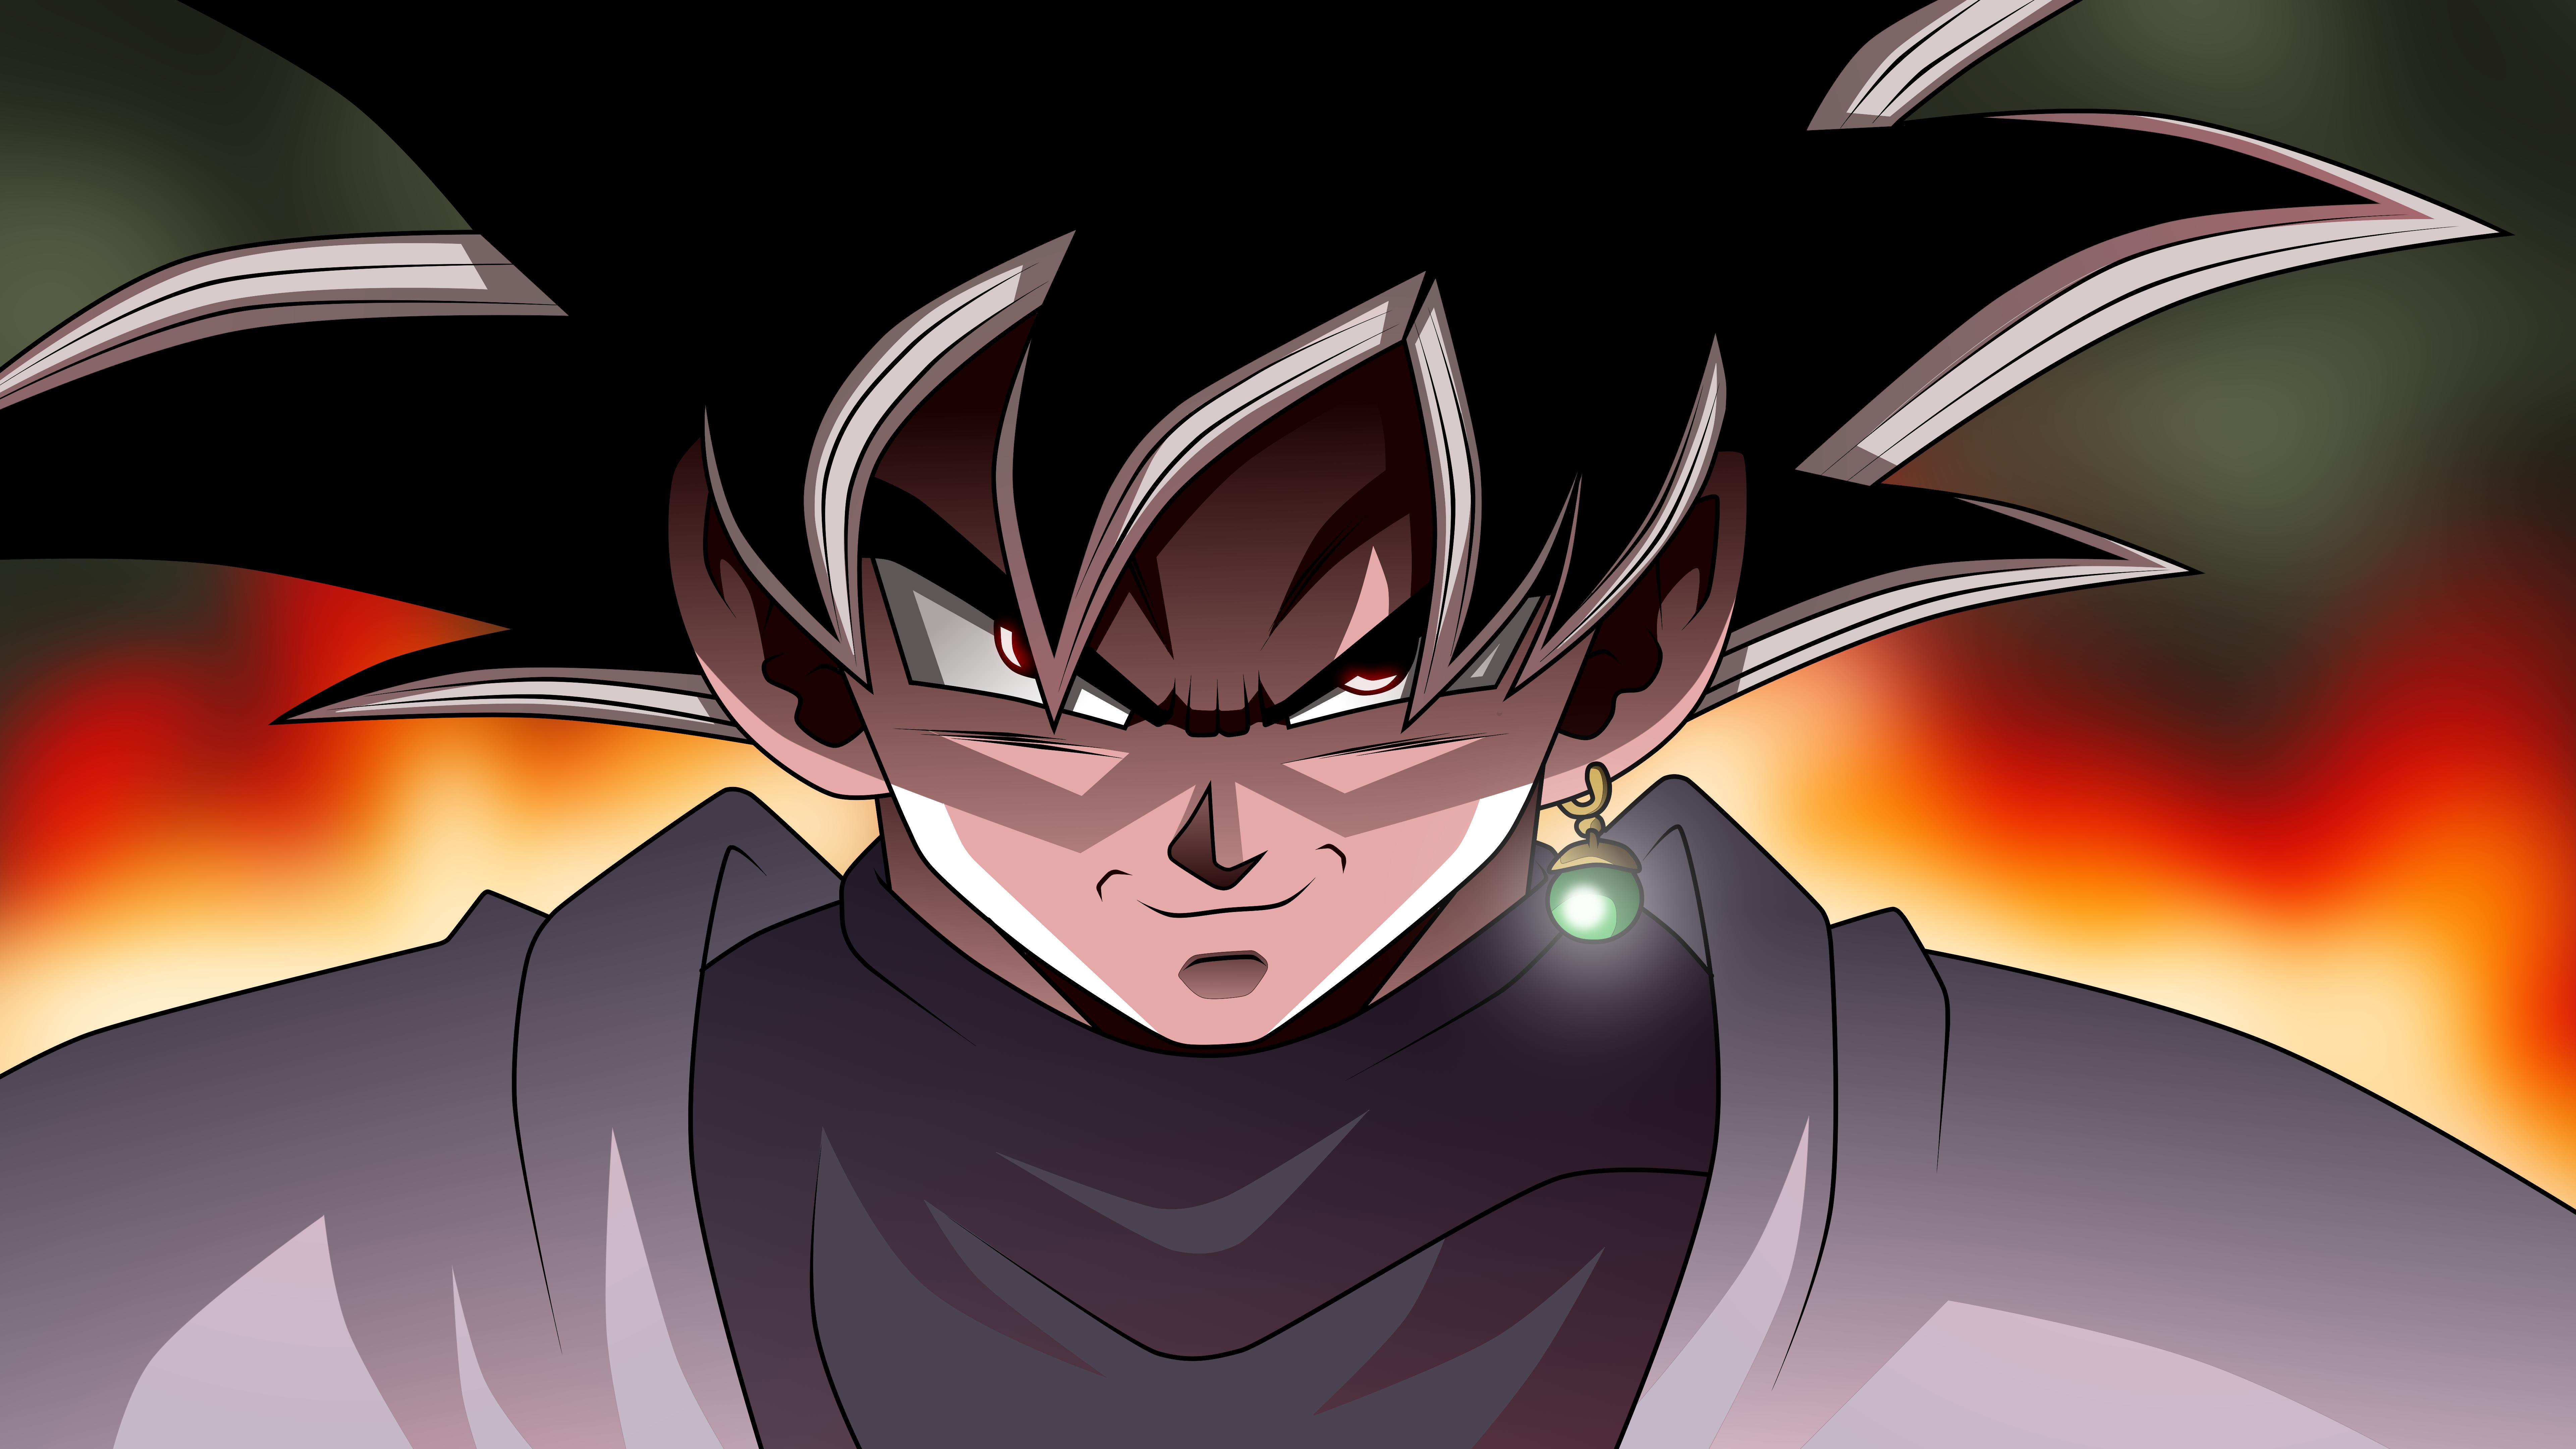 Black Goku Fondo De Pantalla And Fondo De Escritorio: Dragon Ball Super 8k Ultra Fondo De Pantalla HD